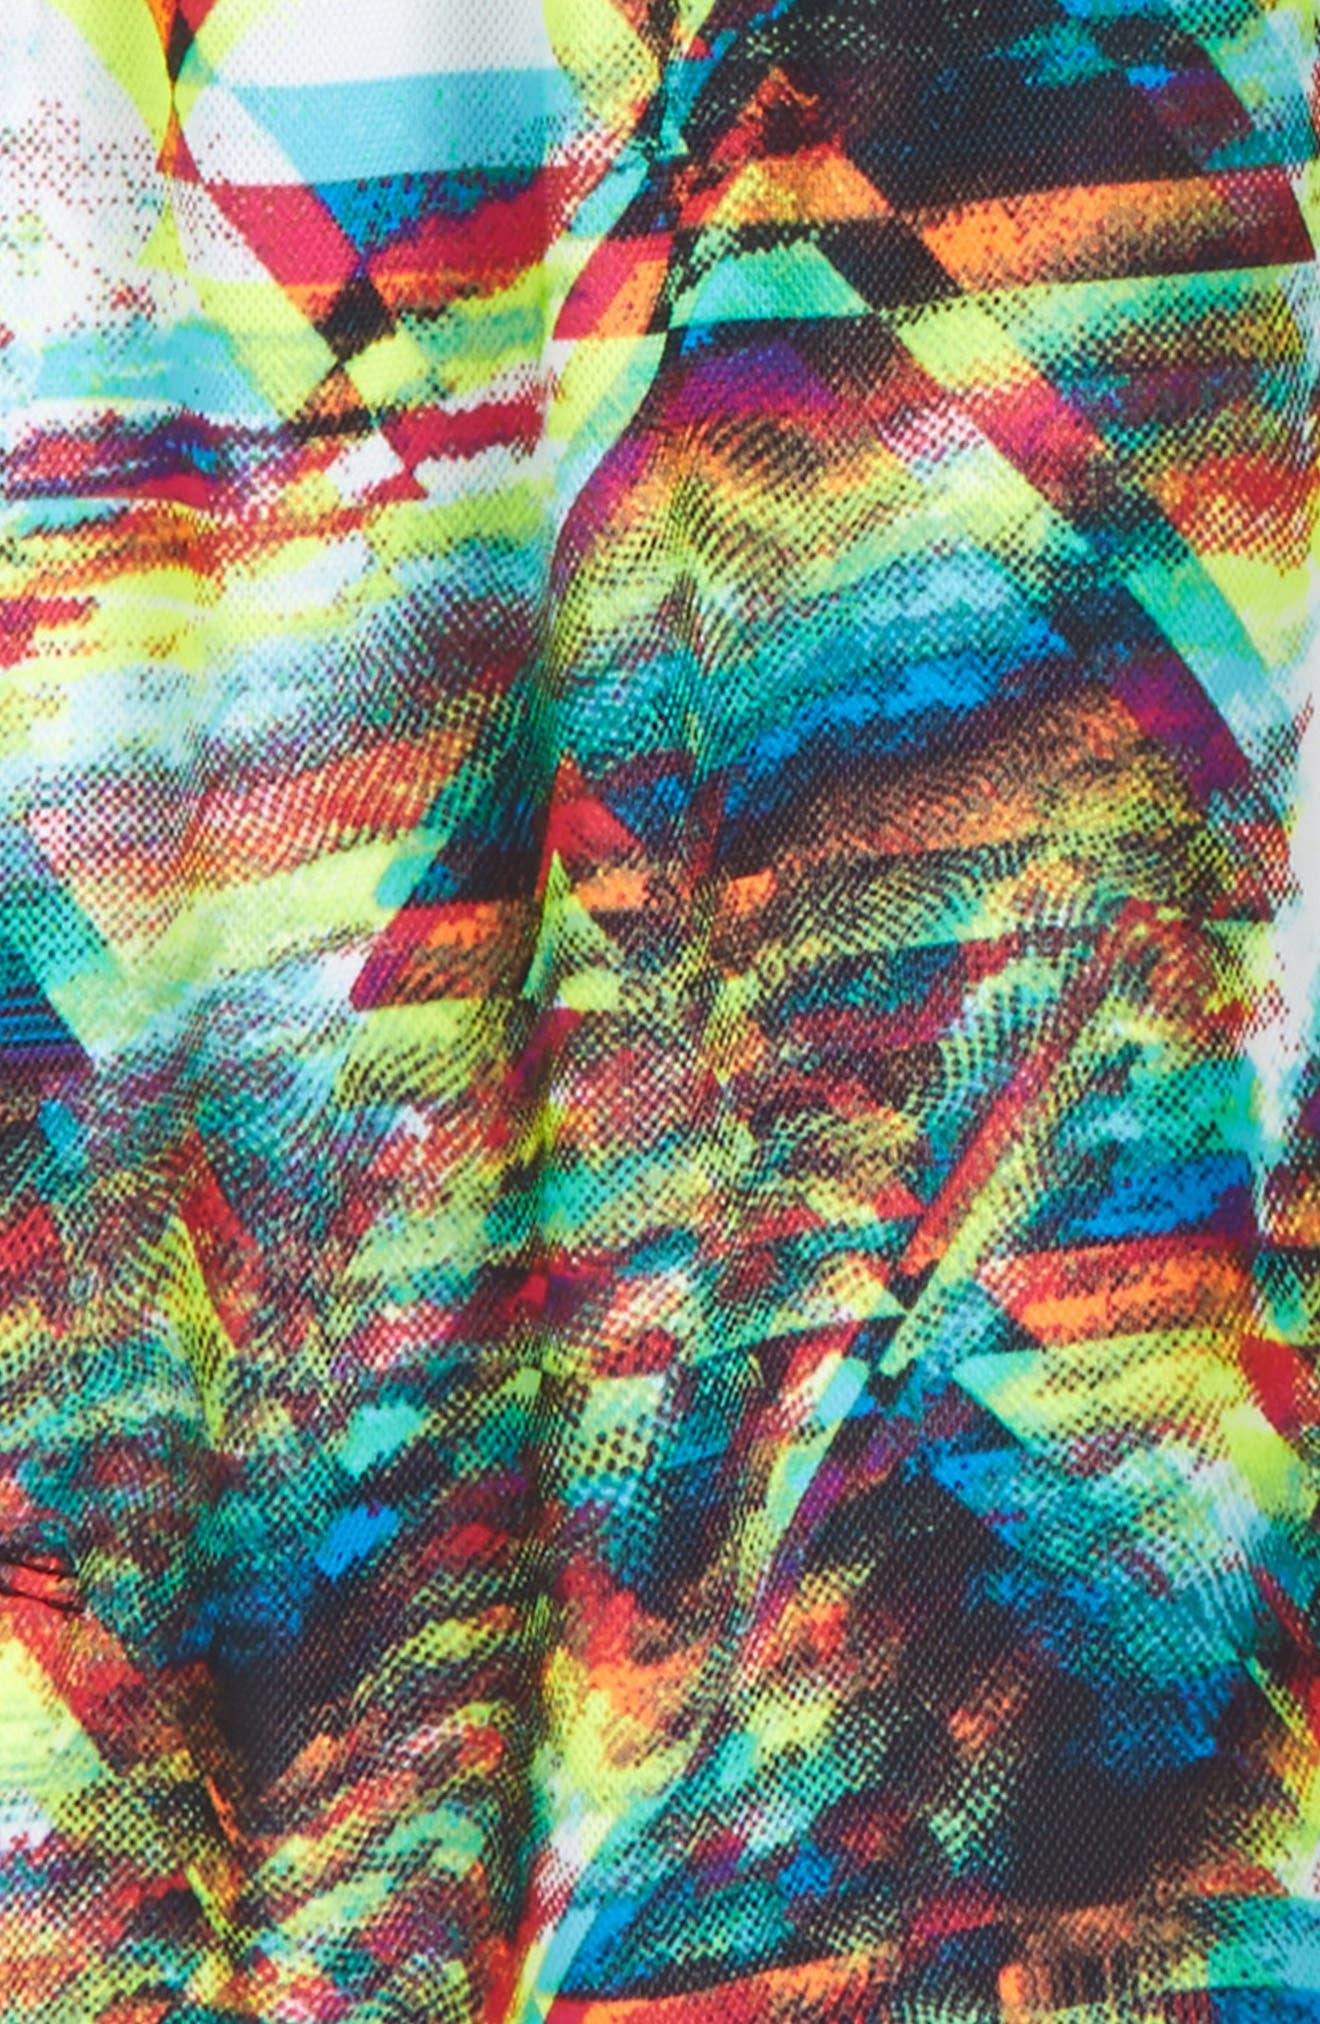 Dry Vent Print Training Shorts,                             Alternate thumbnail 4, color,